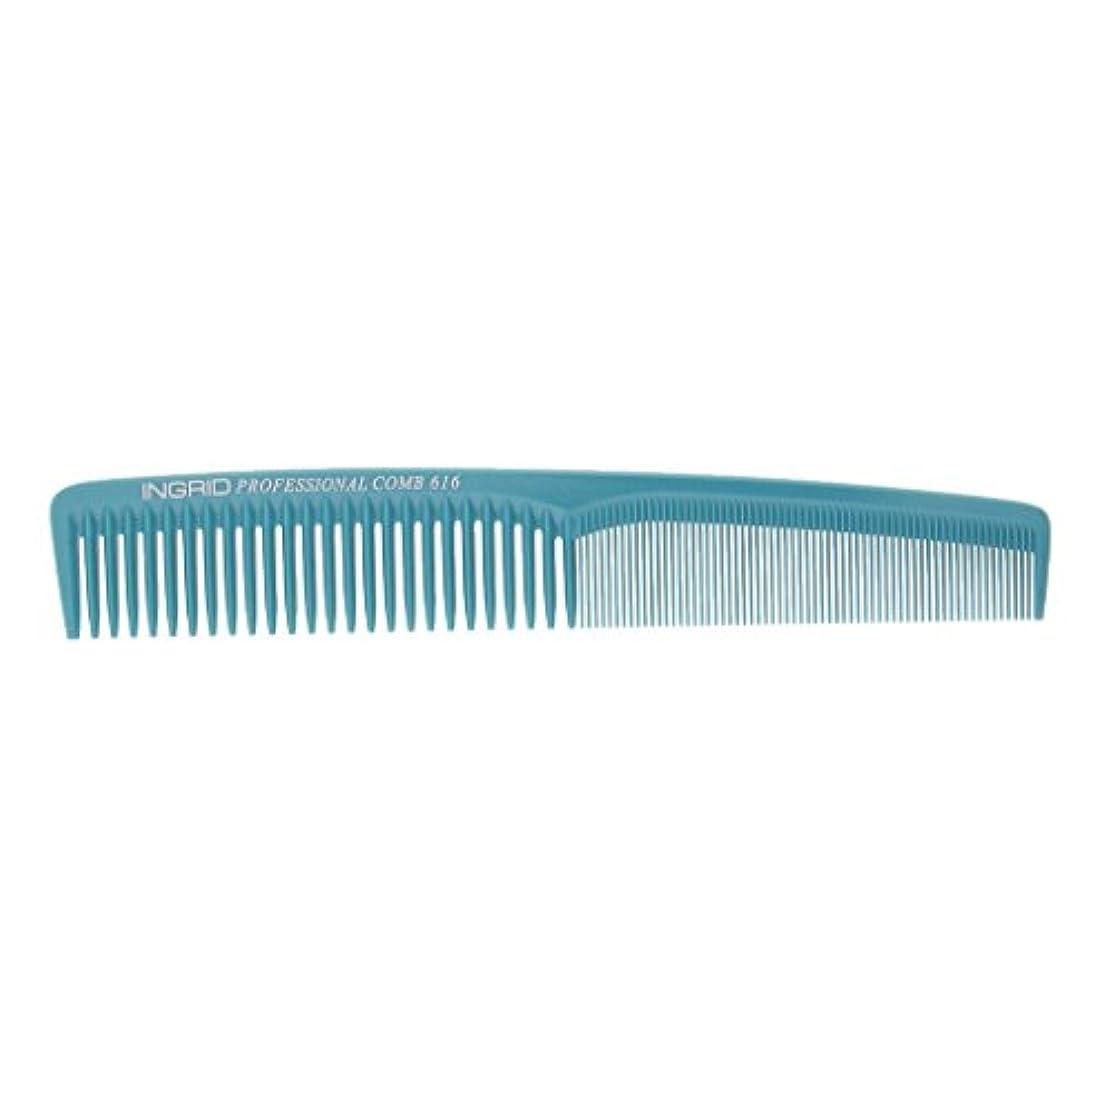 代わりの対人行くFutuHome ファッショナブルなヘアカット理髪師美容院プラスチック製の櫛 - ライトブルー